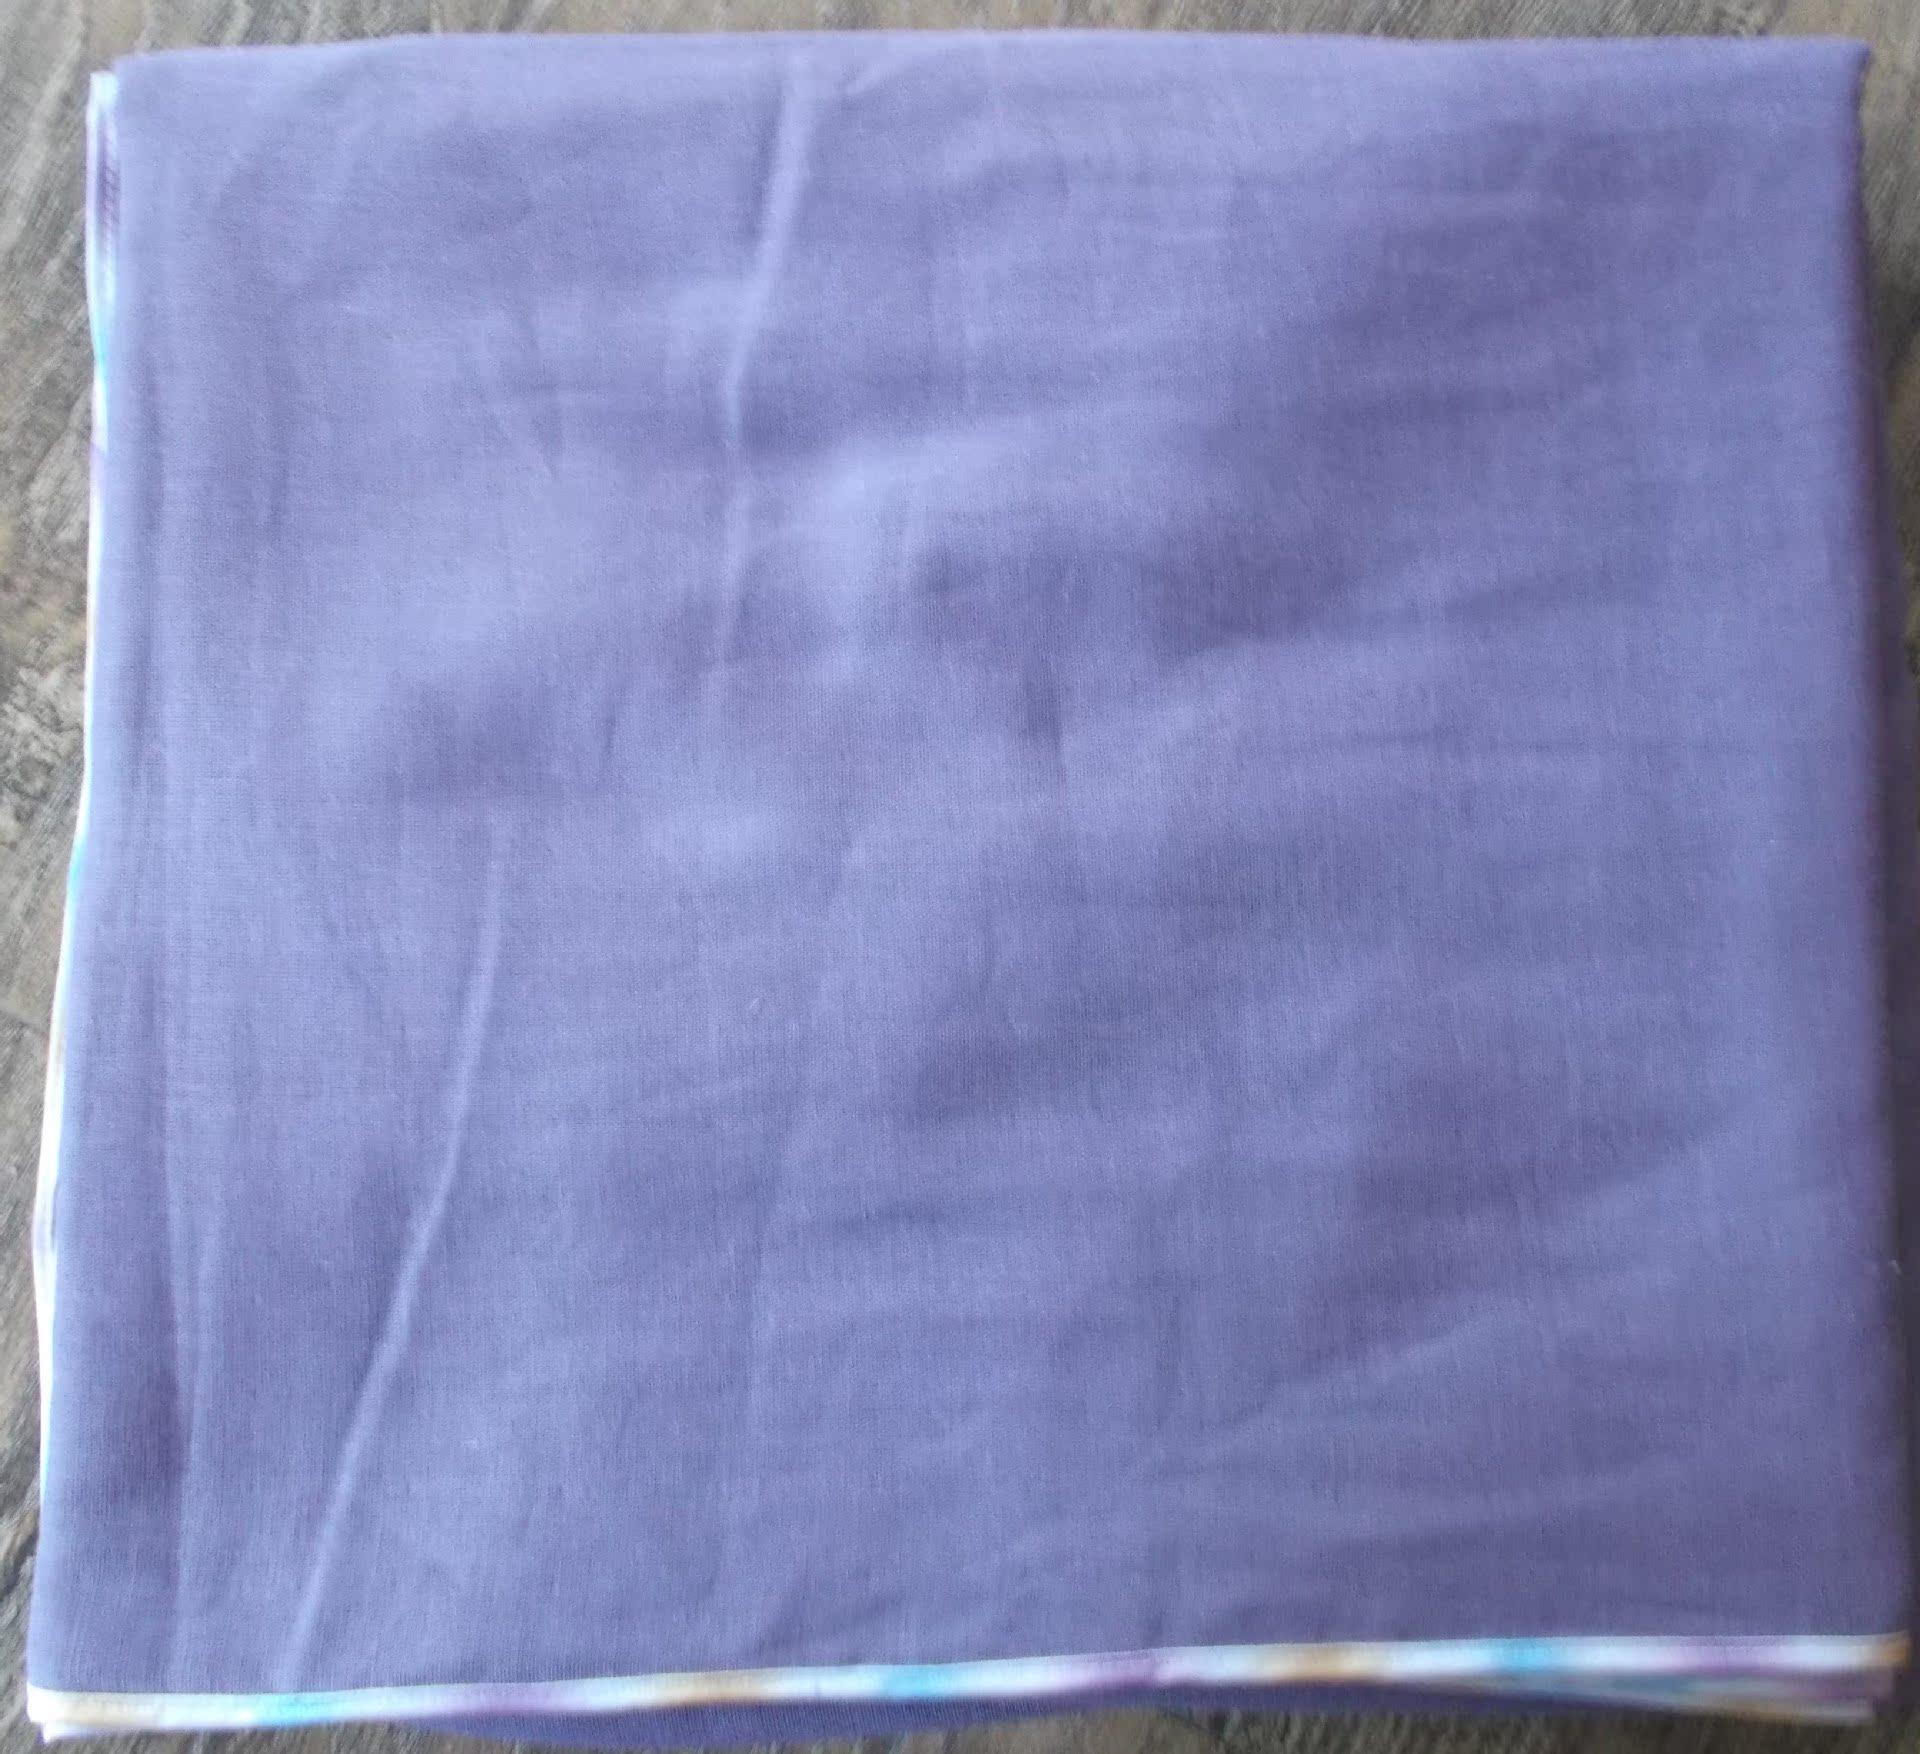 供应婴童双层全棉盖毯,婴幼儿全棉毯子,婴幼儿床单,夏季毛毯